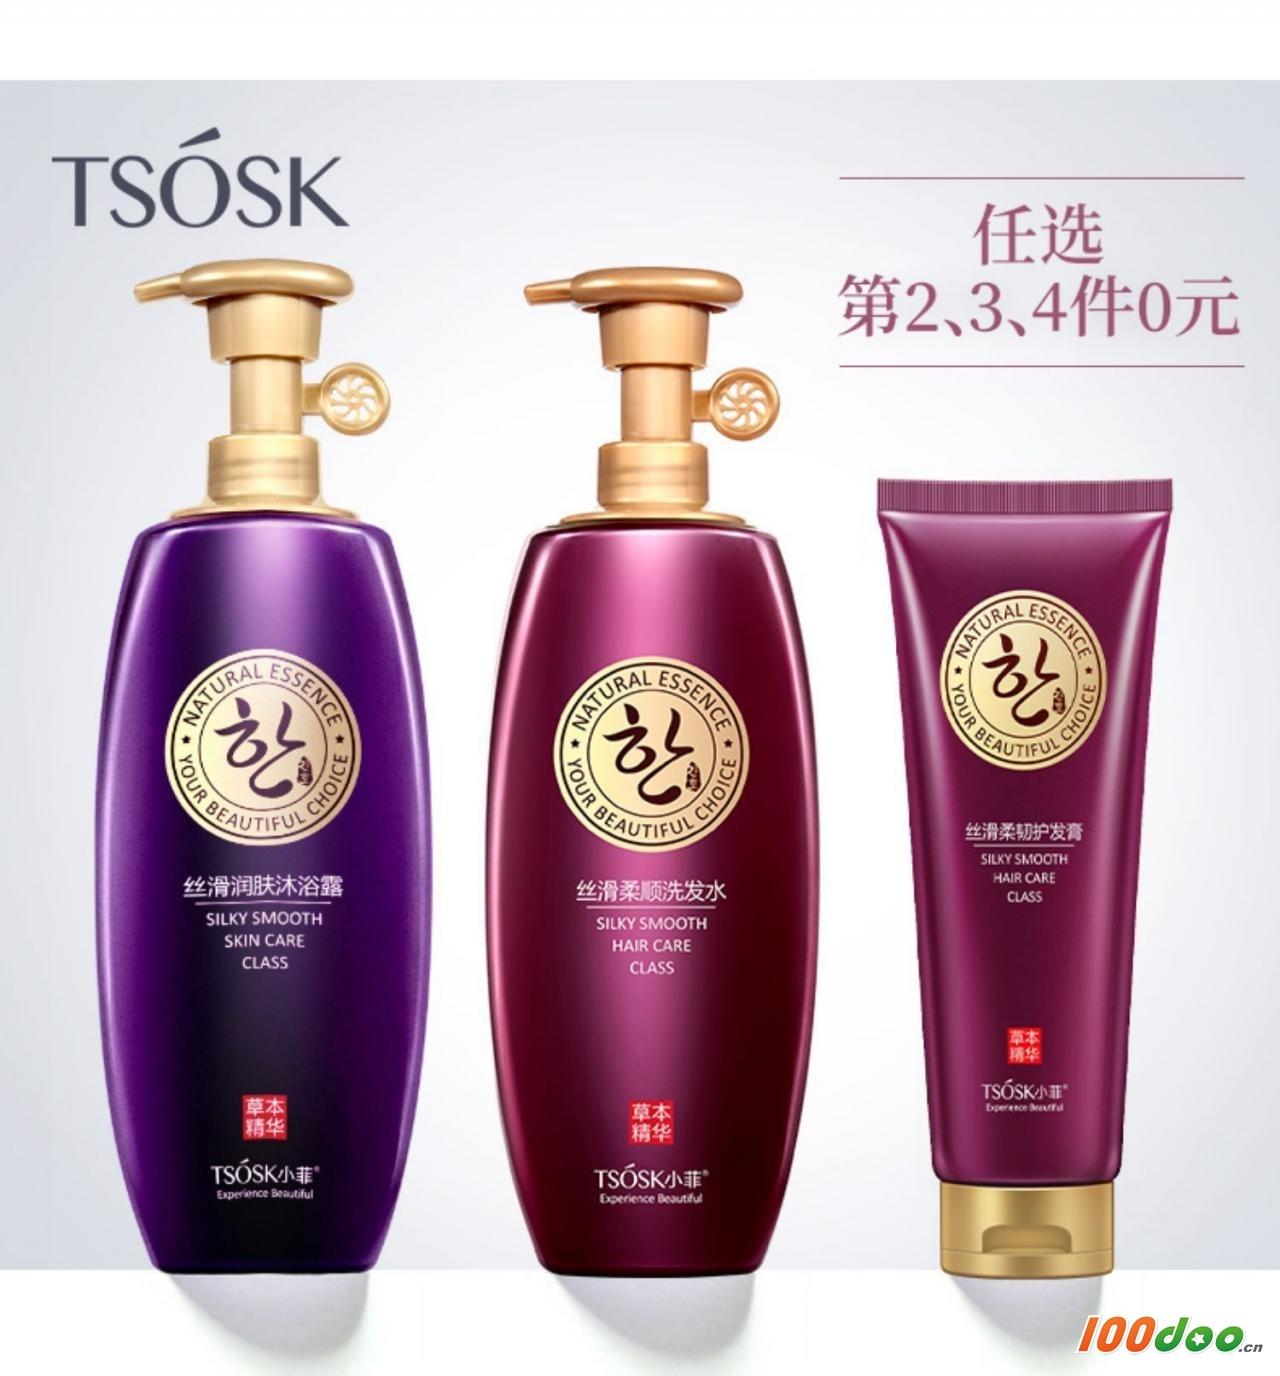 好货推荐:月销50W+的TSOSK小菲洗发水  屈臣氏要199.9,拍4件只要39.9!